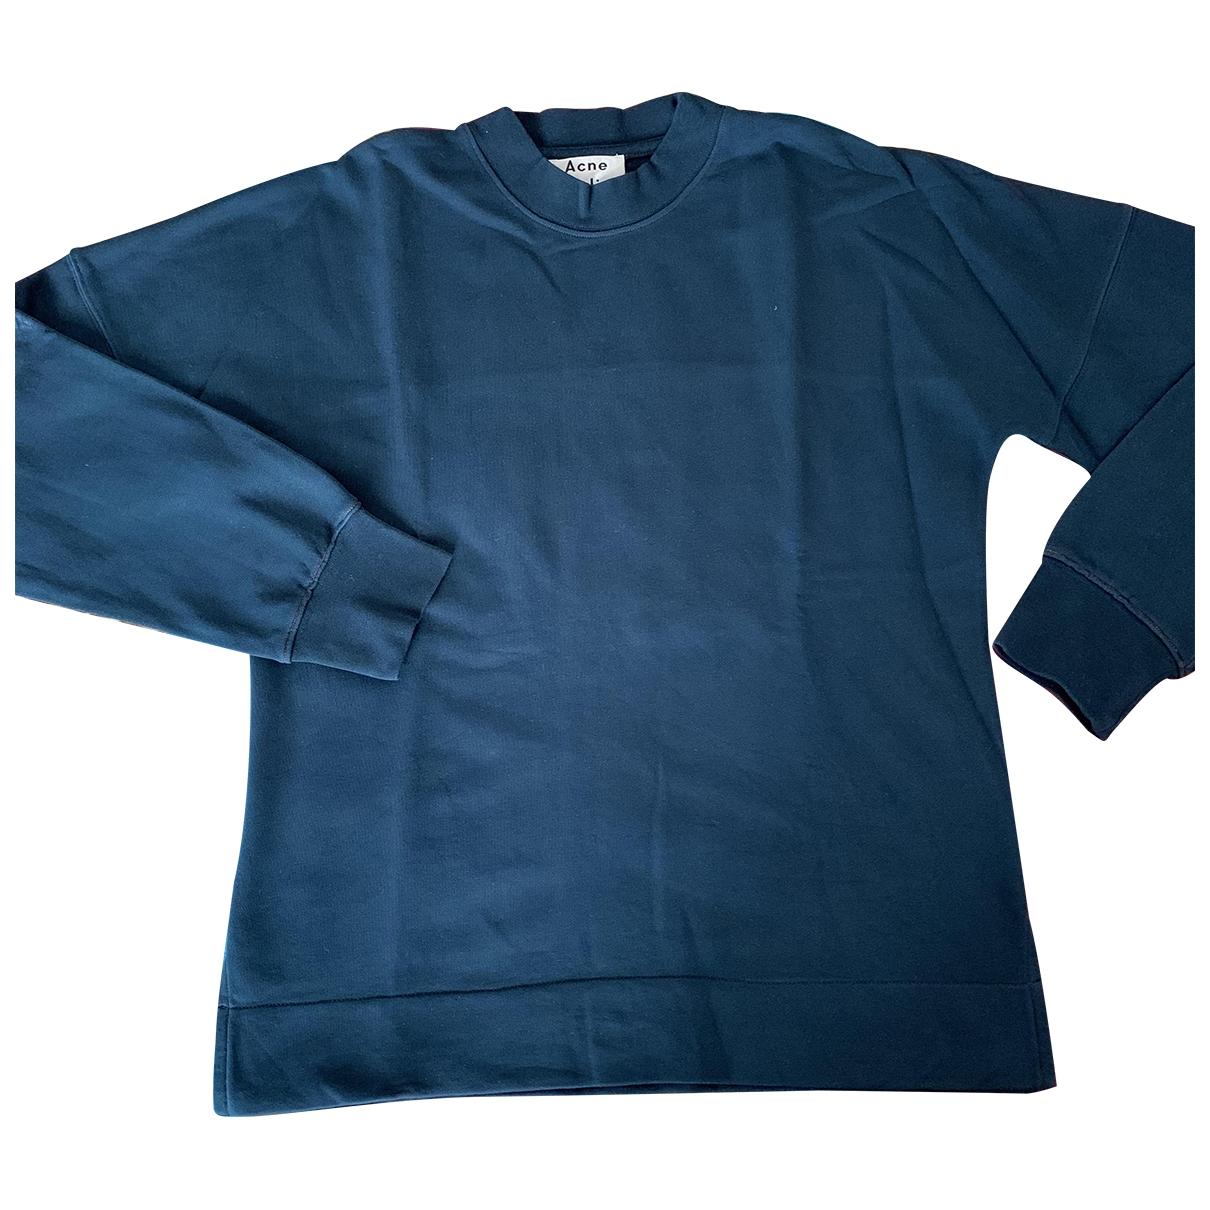 Acne Studios \N Green Cotton Knitwear & Sweatshirts for Men XS International